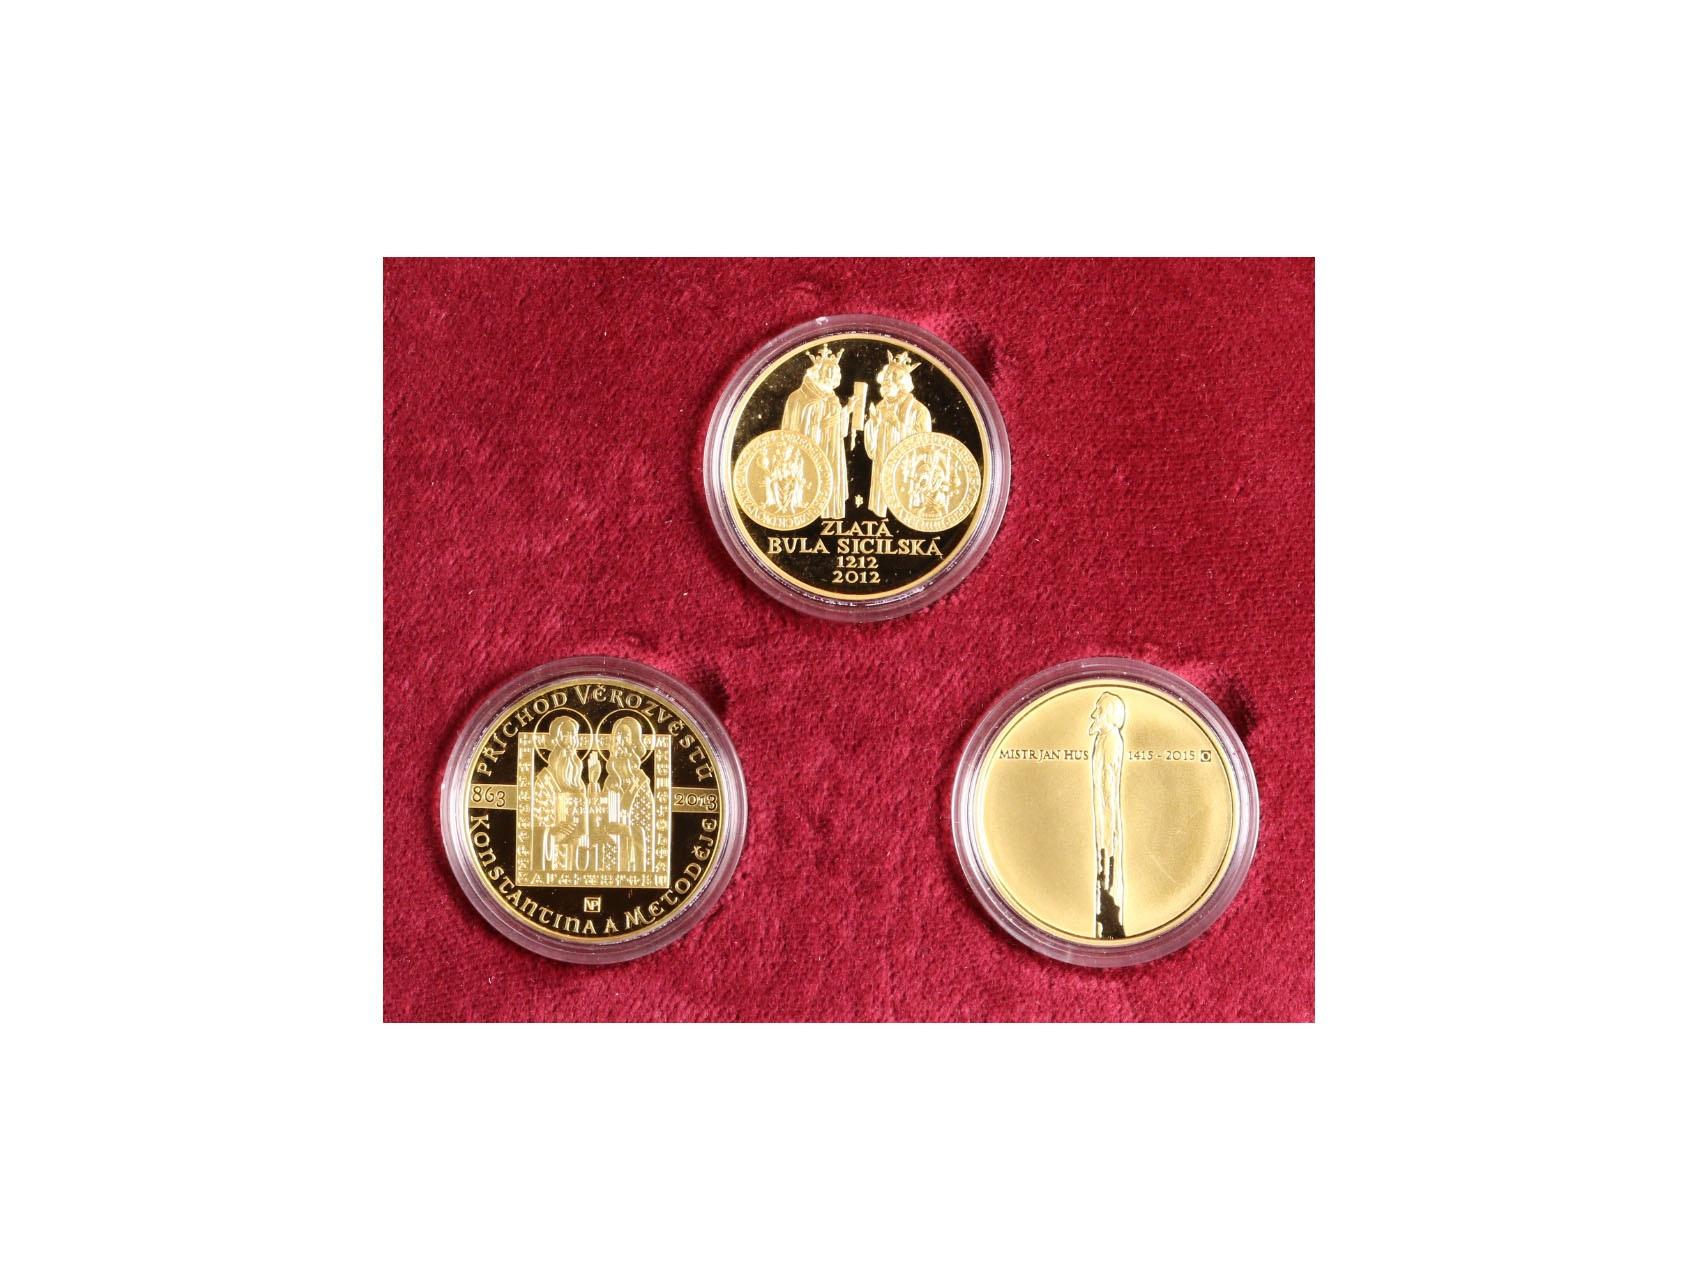 Česká Republika 1993 - sada 3 ks mincí 10.000 Kč 2012 Zlatá bula sicilská, 2013 Konstantin a Metoděj, 2015 Jan Hus, 3x 31,107g, společná dřevěná etue, certifikáty, bezvadný stav, kvalita PROOF